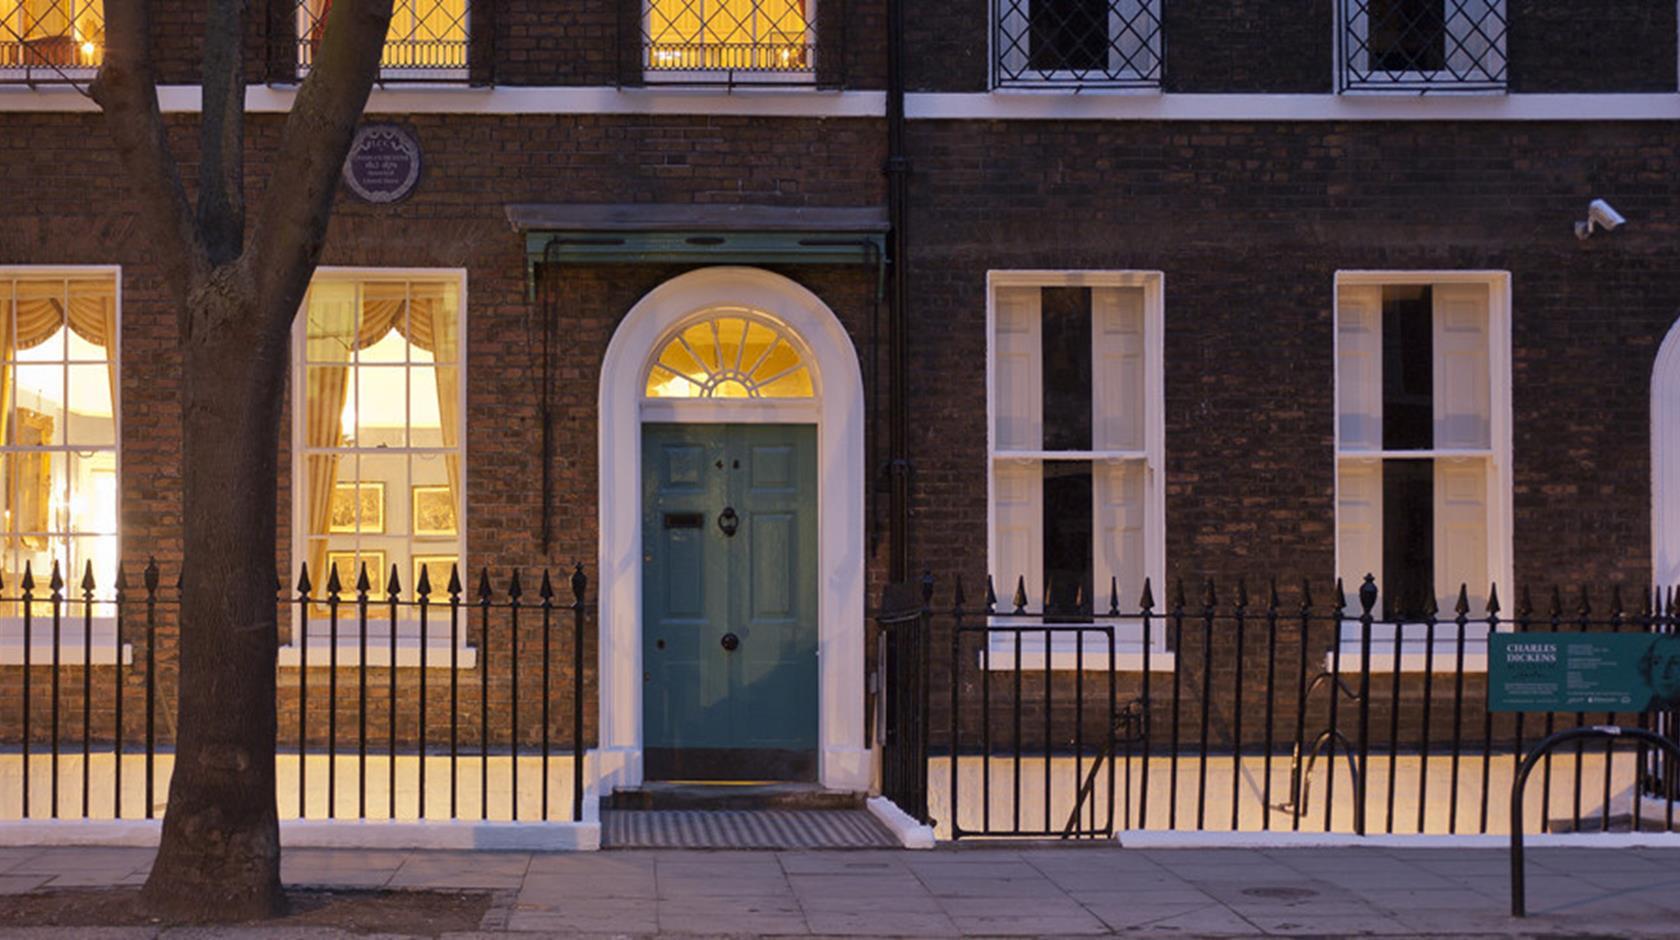 خانه مشهورترین نویسندگان بریتانیا